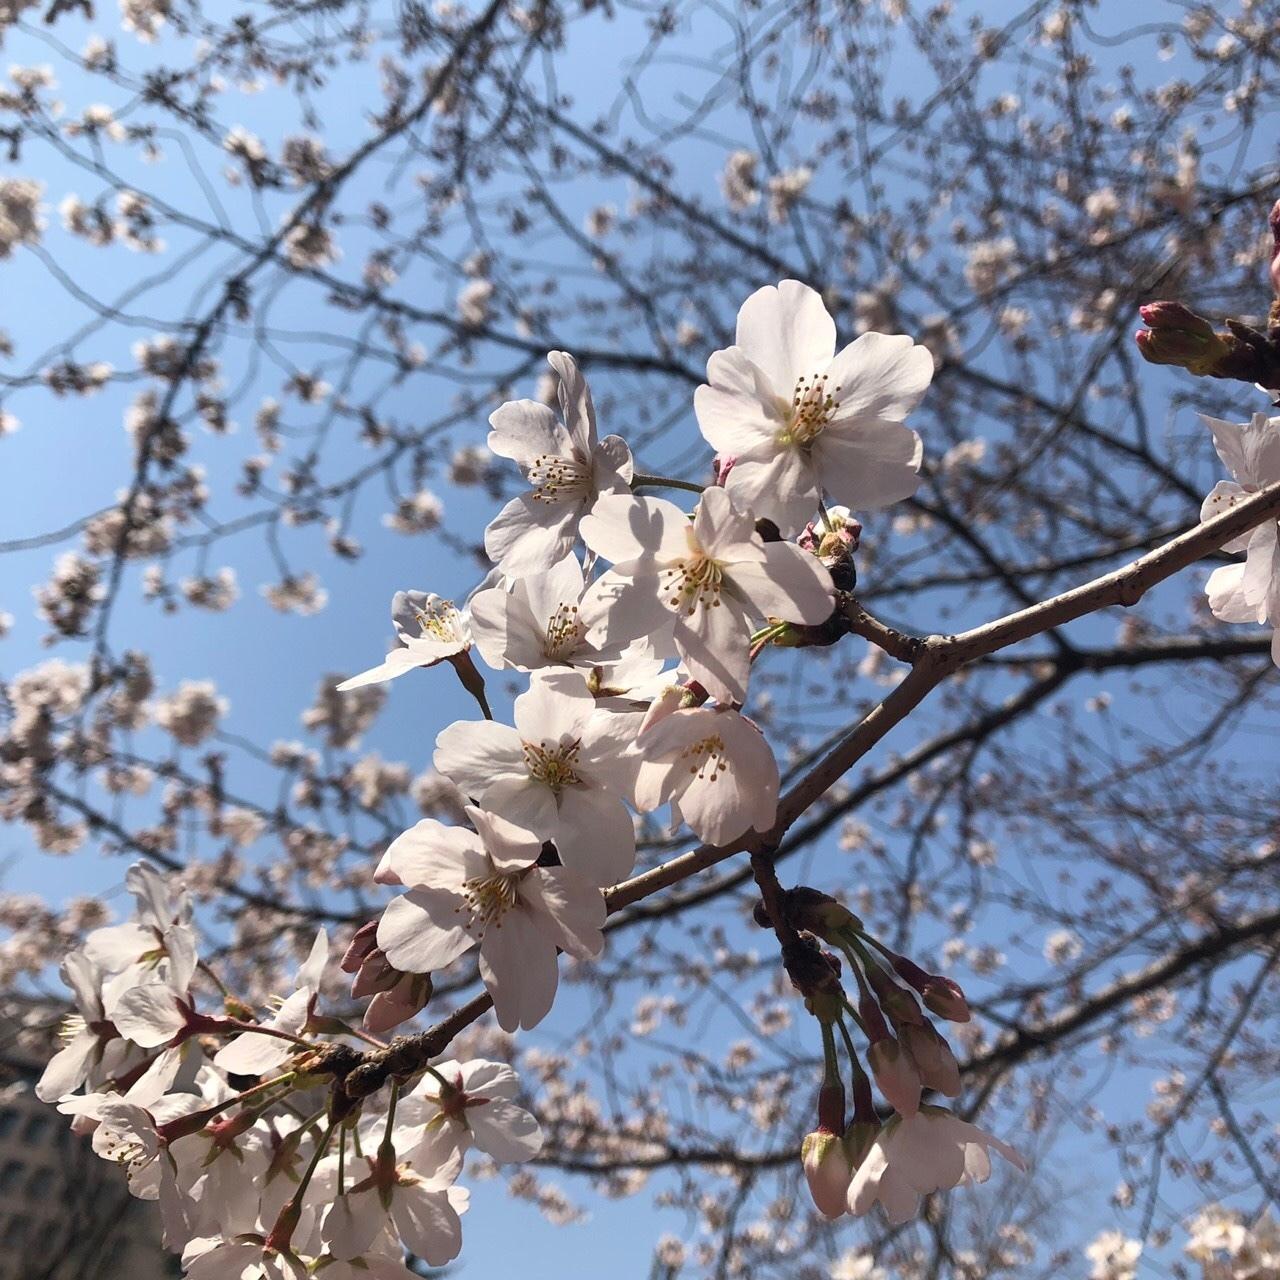 花粉で乾燥する春に!プチプラおすすめスキンケア❤︎_1_1